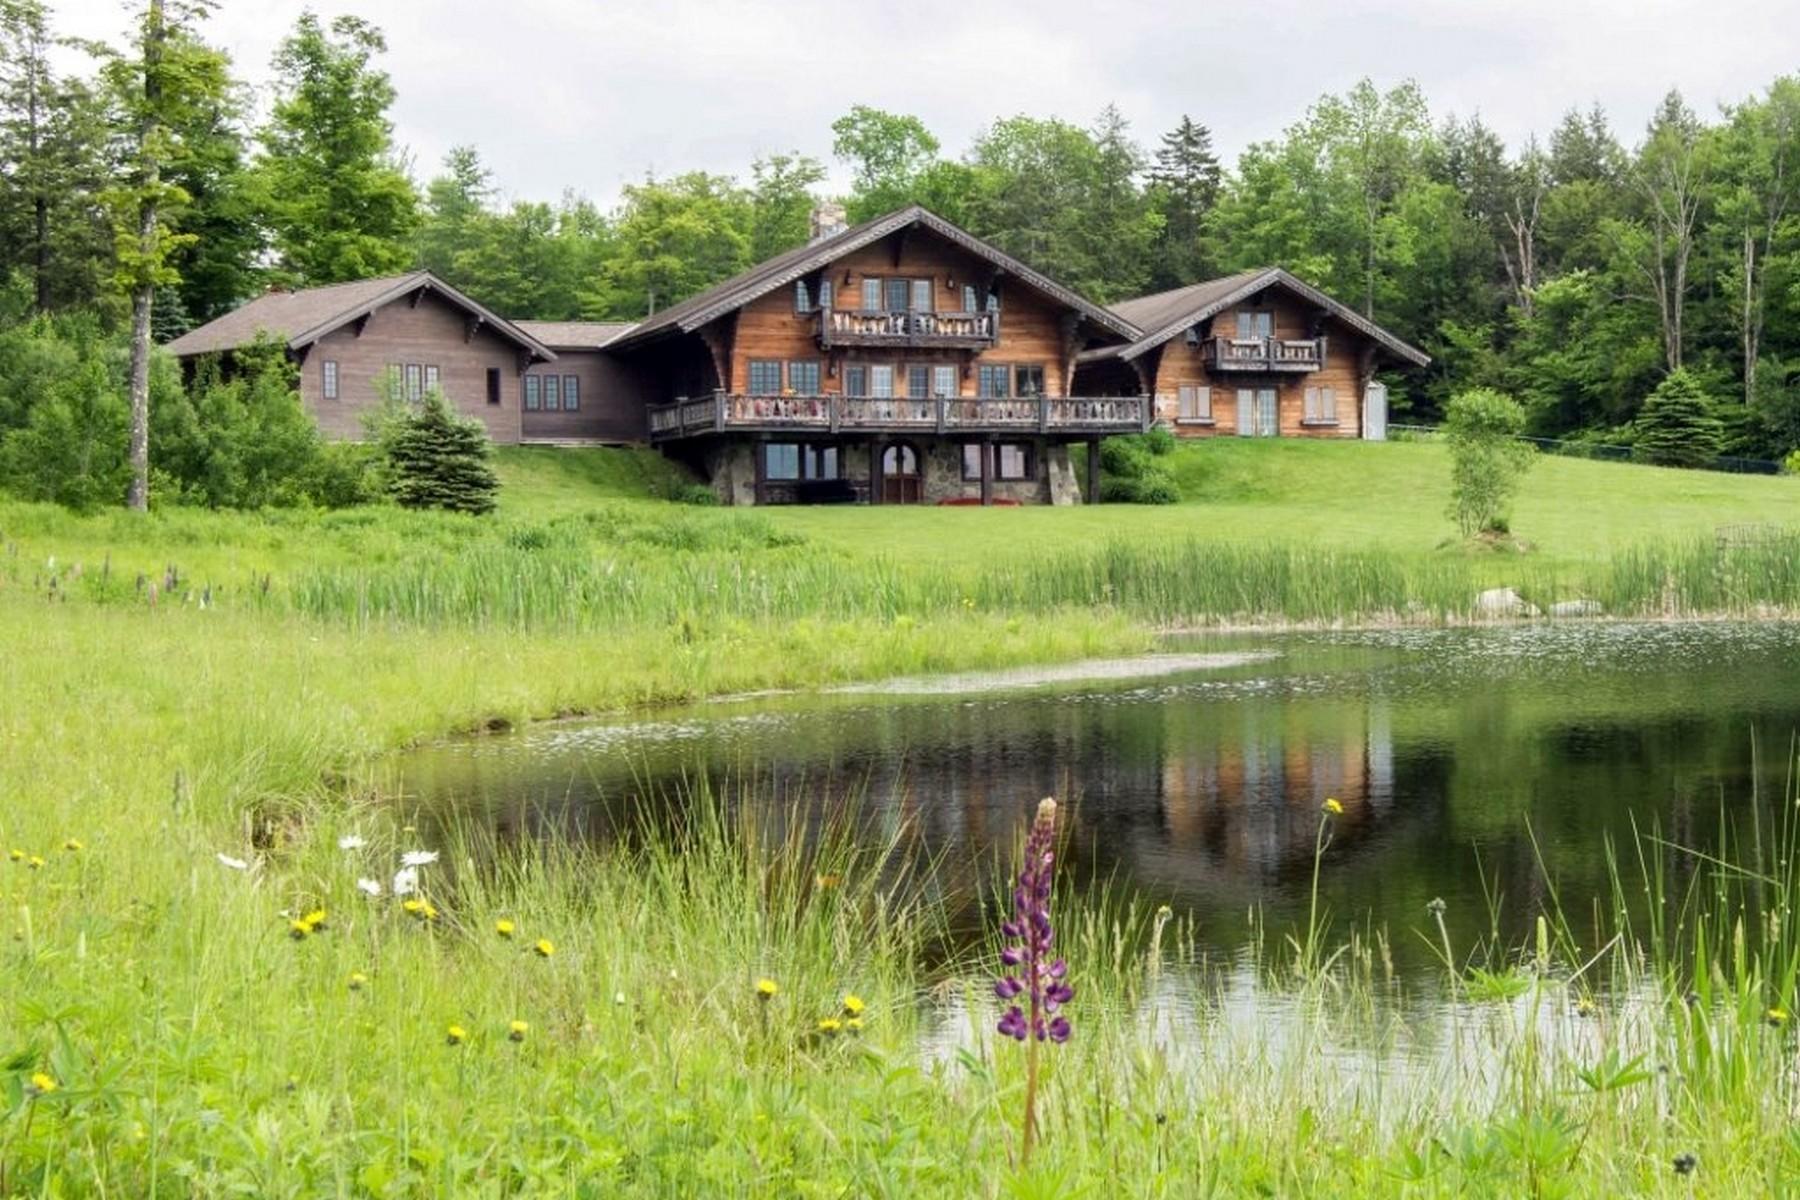 Maison unifamiliale pour l Vente à Lippitt Mountain Farm 121 Acres, Pond, Views, Priv 76 Cody Rd Landgrove, Vermont, 05148 États-Unis